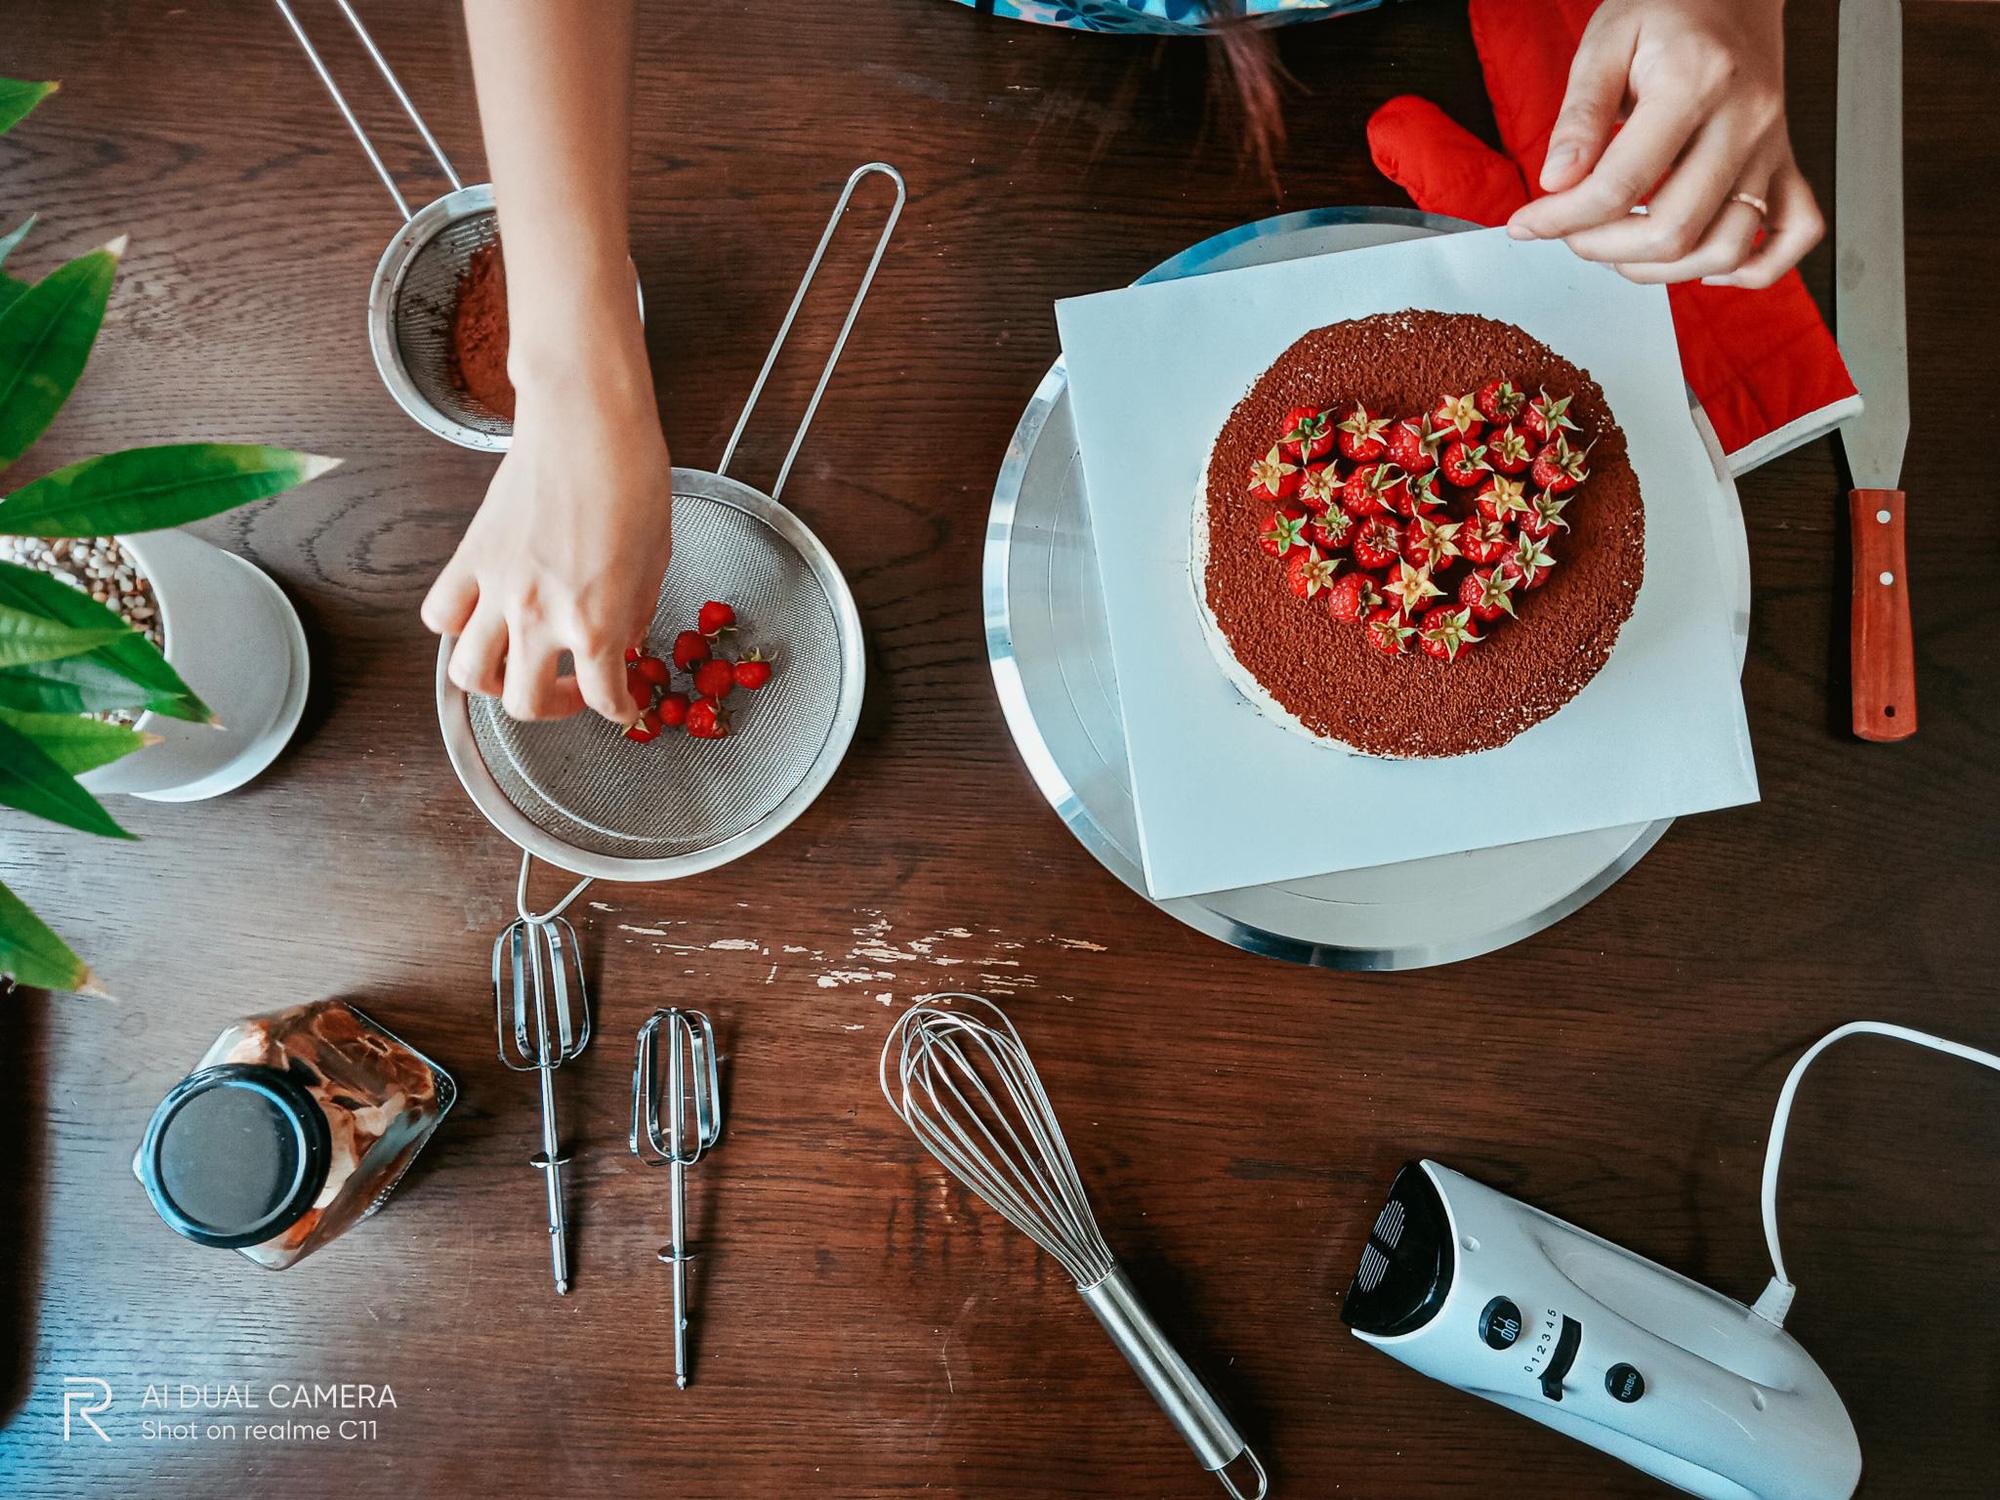 Một ngày cuối tuần của cô nàng yêu bếp sẽ như thế nào? - Ảnh 6.